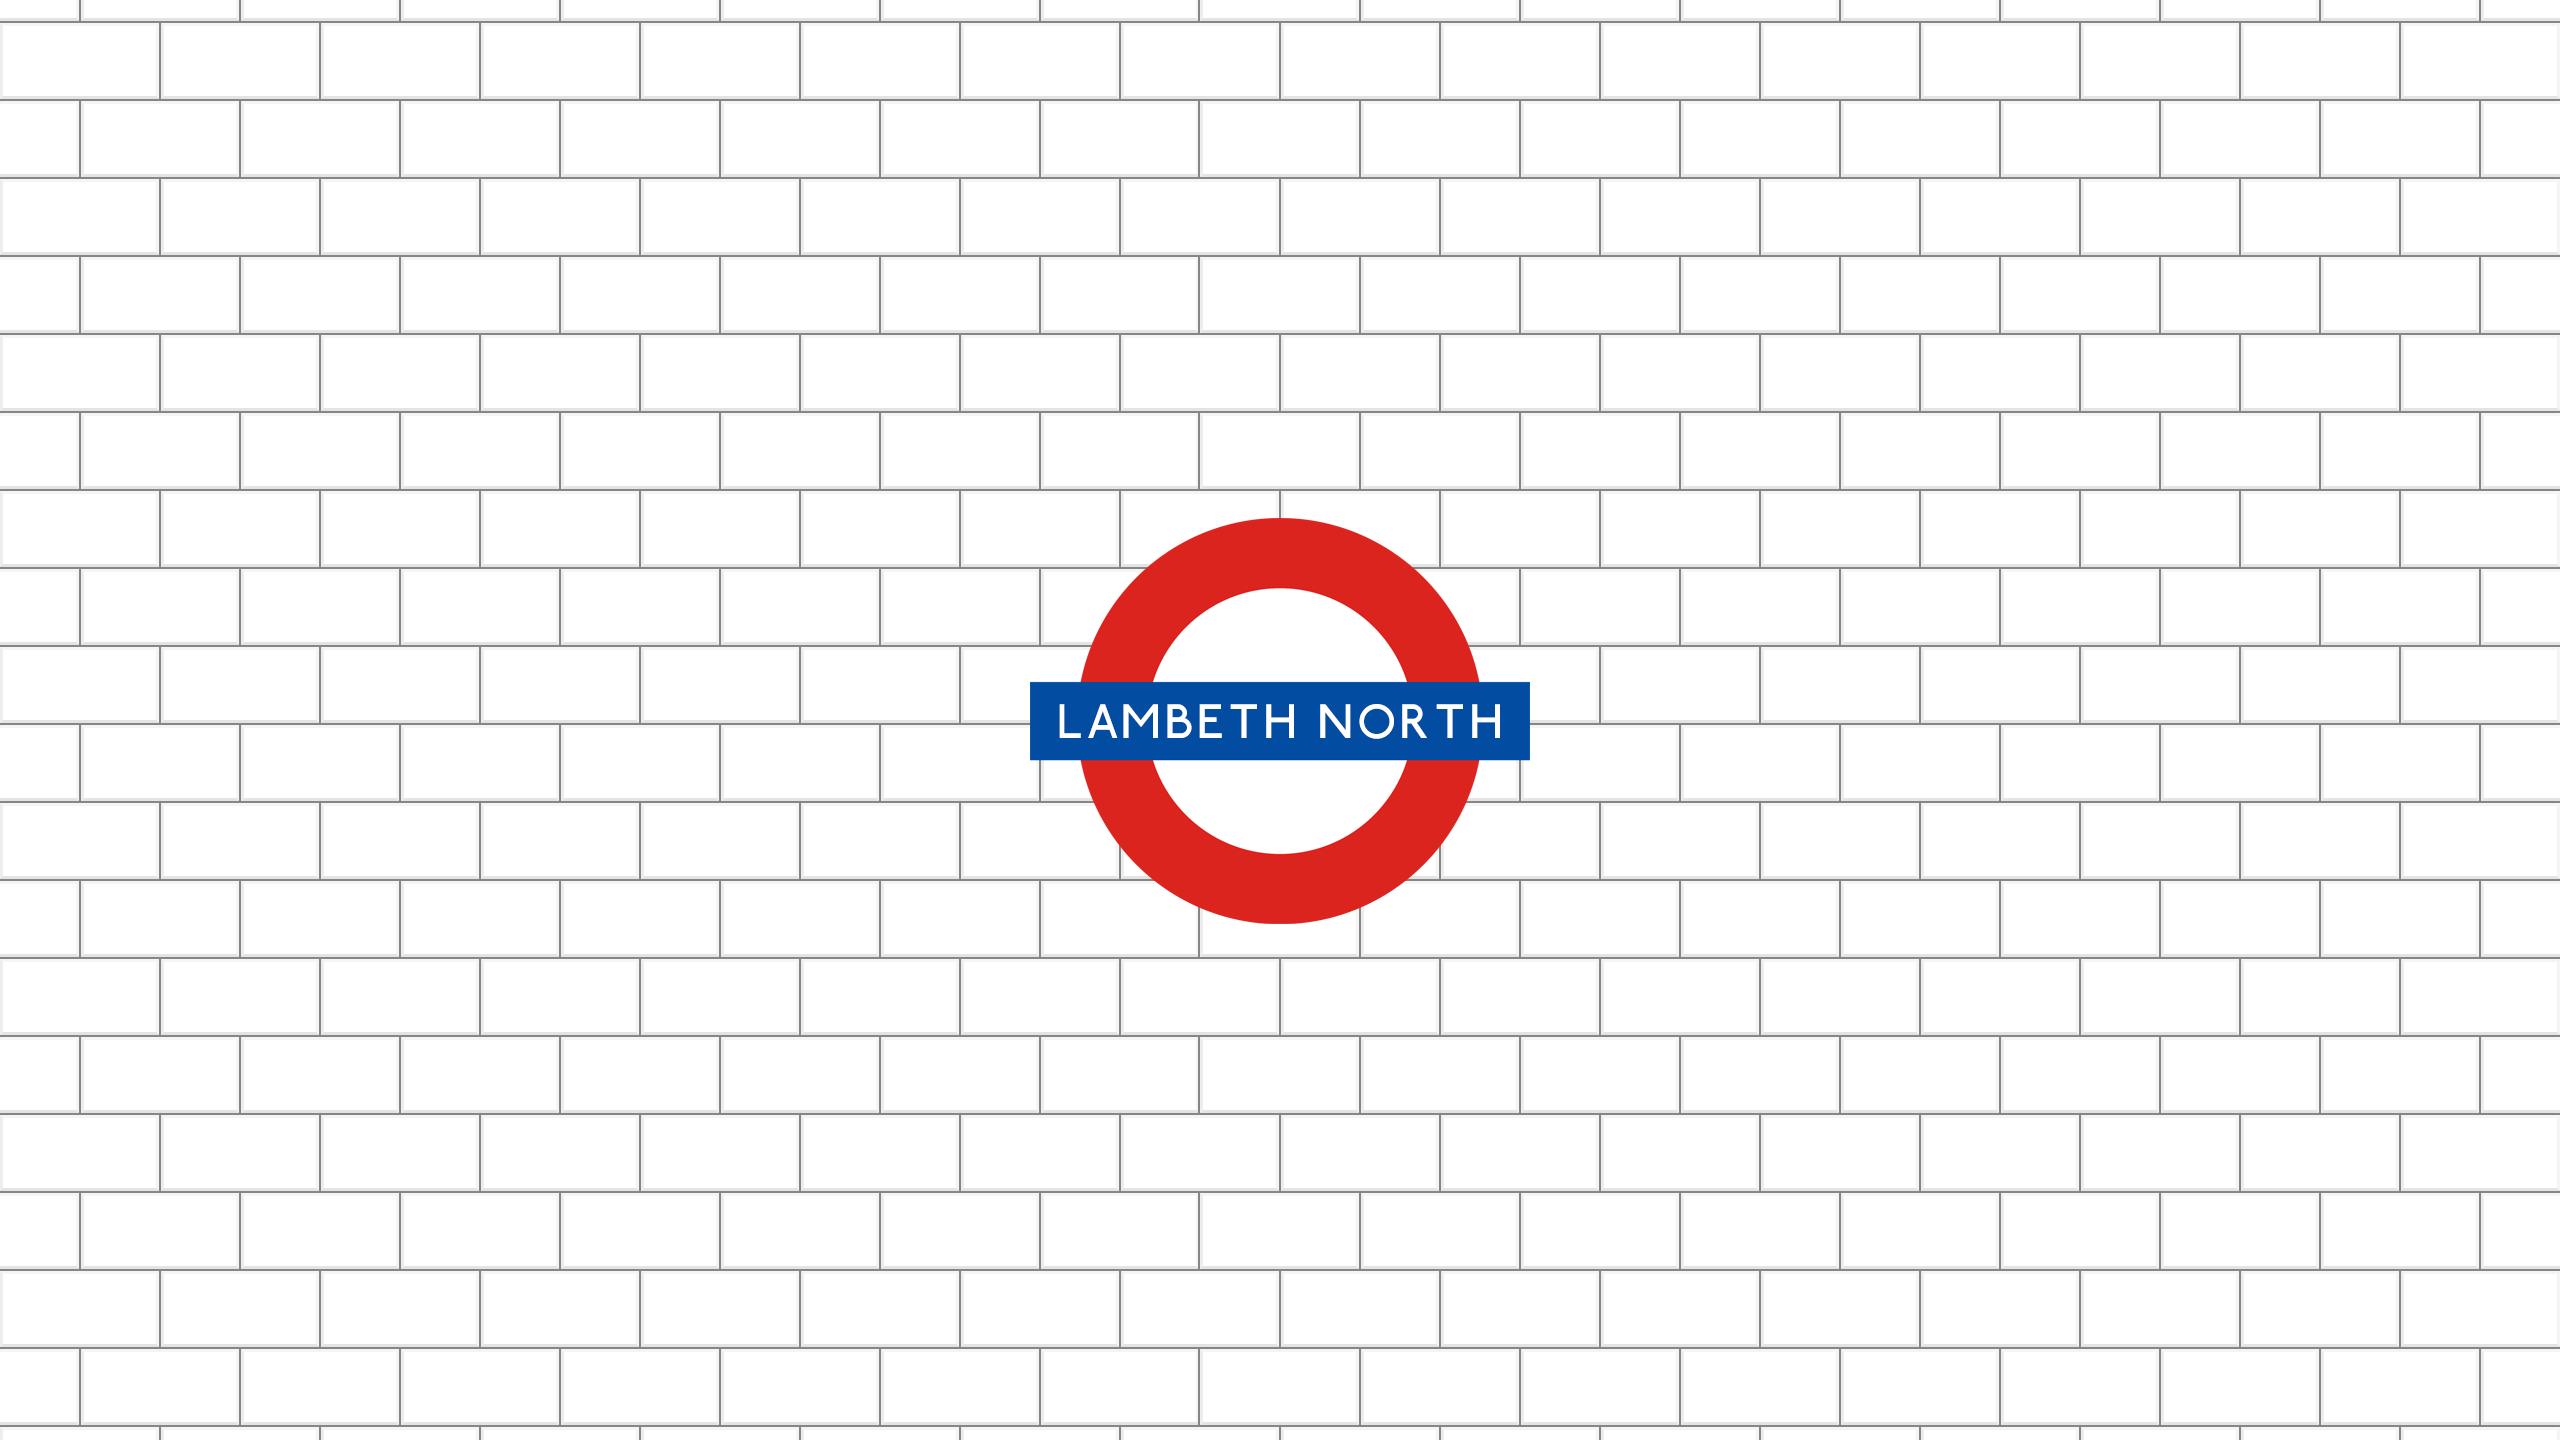 Lambeth North